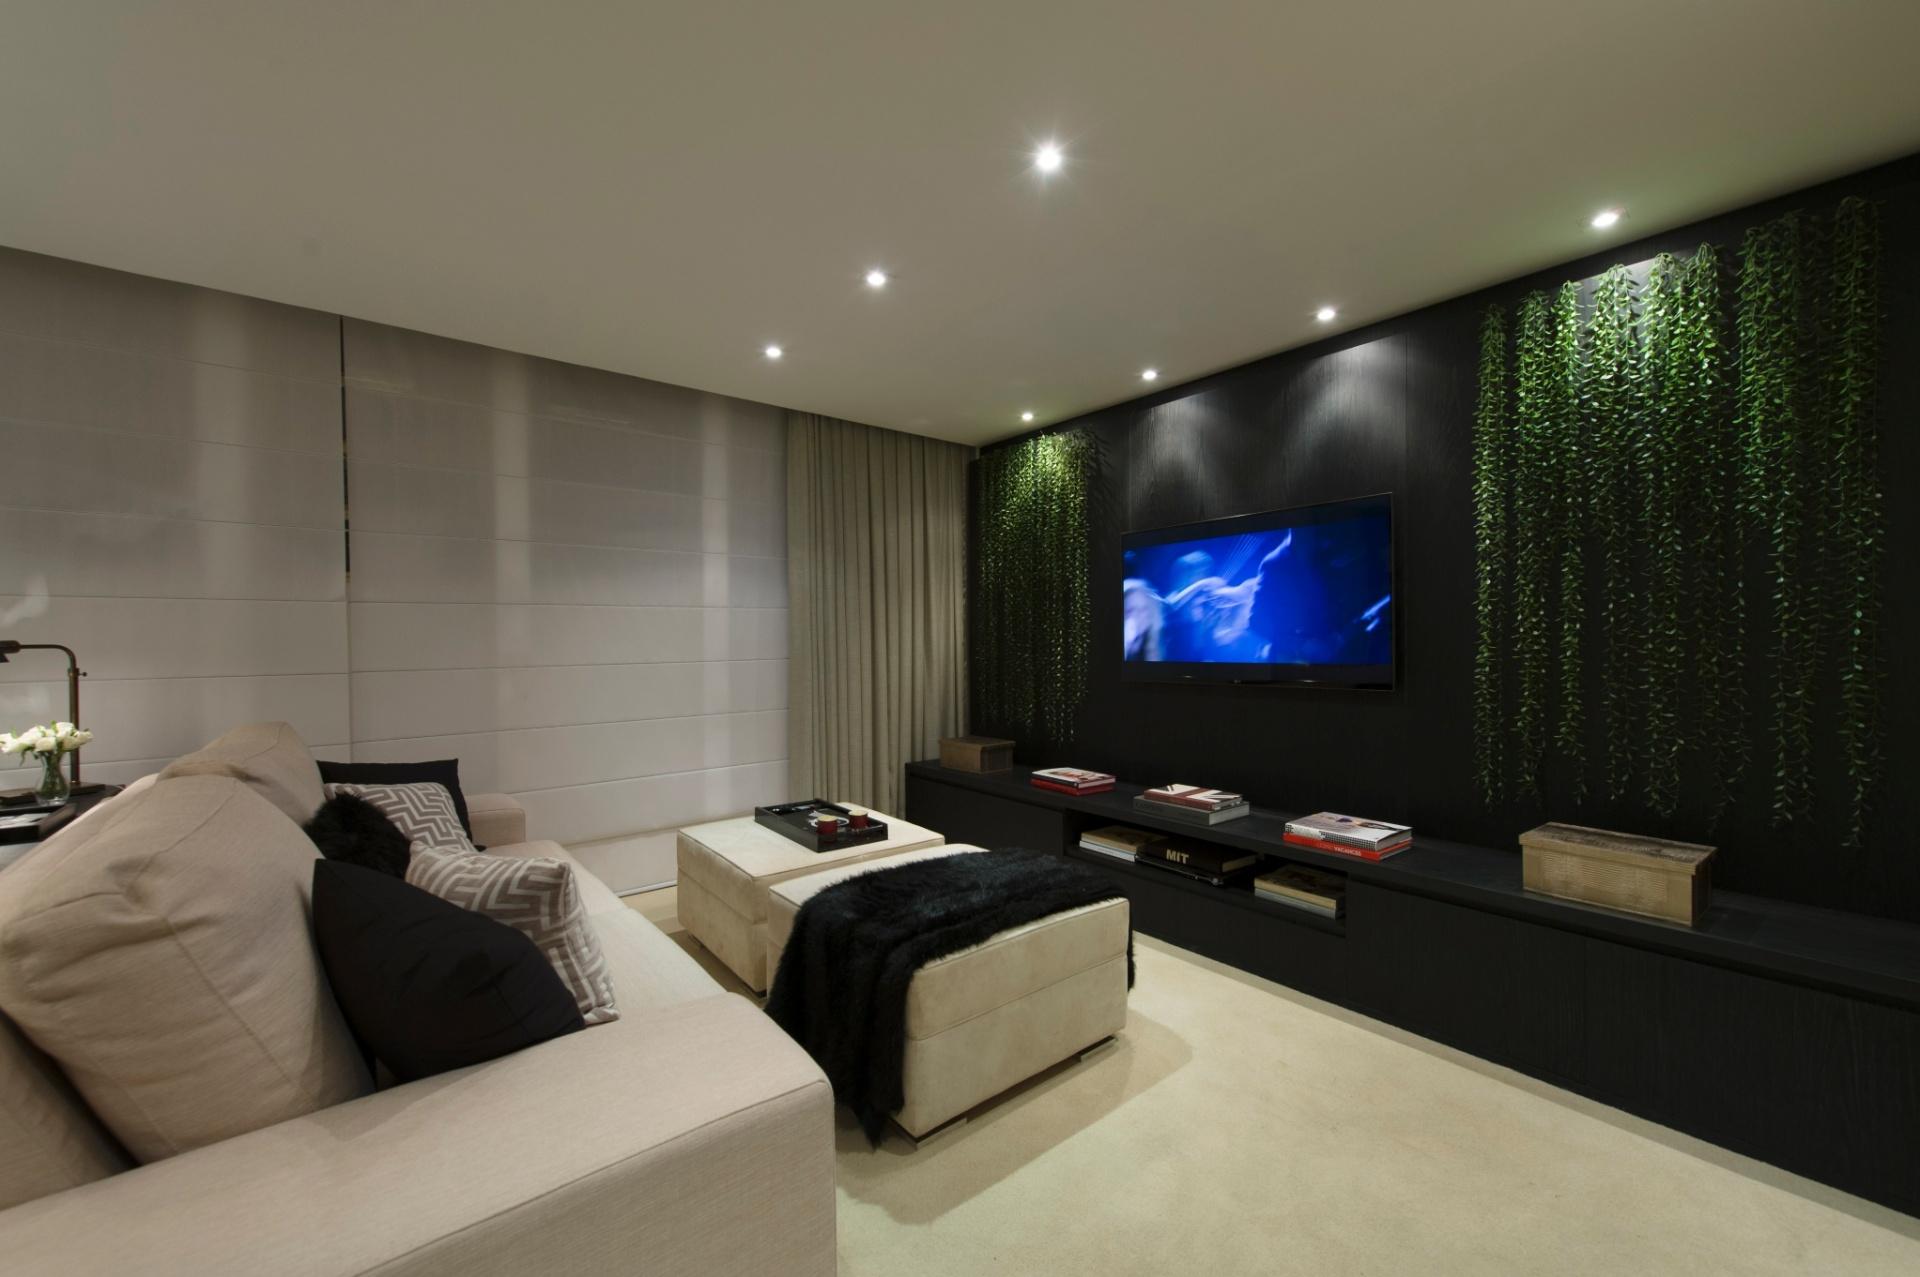 O Home Office Weekend, das arquitetas Monise Rosa e Isabella Narchi, é um ambiente para lazer e trabalho. Na área de estar, com TV, a